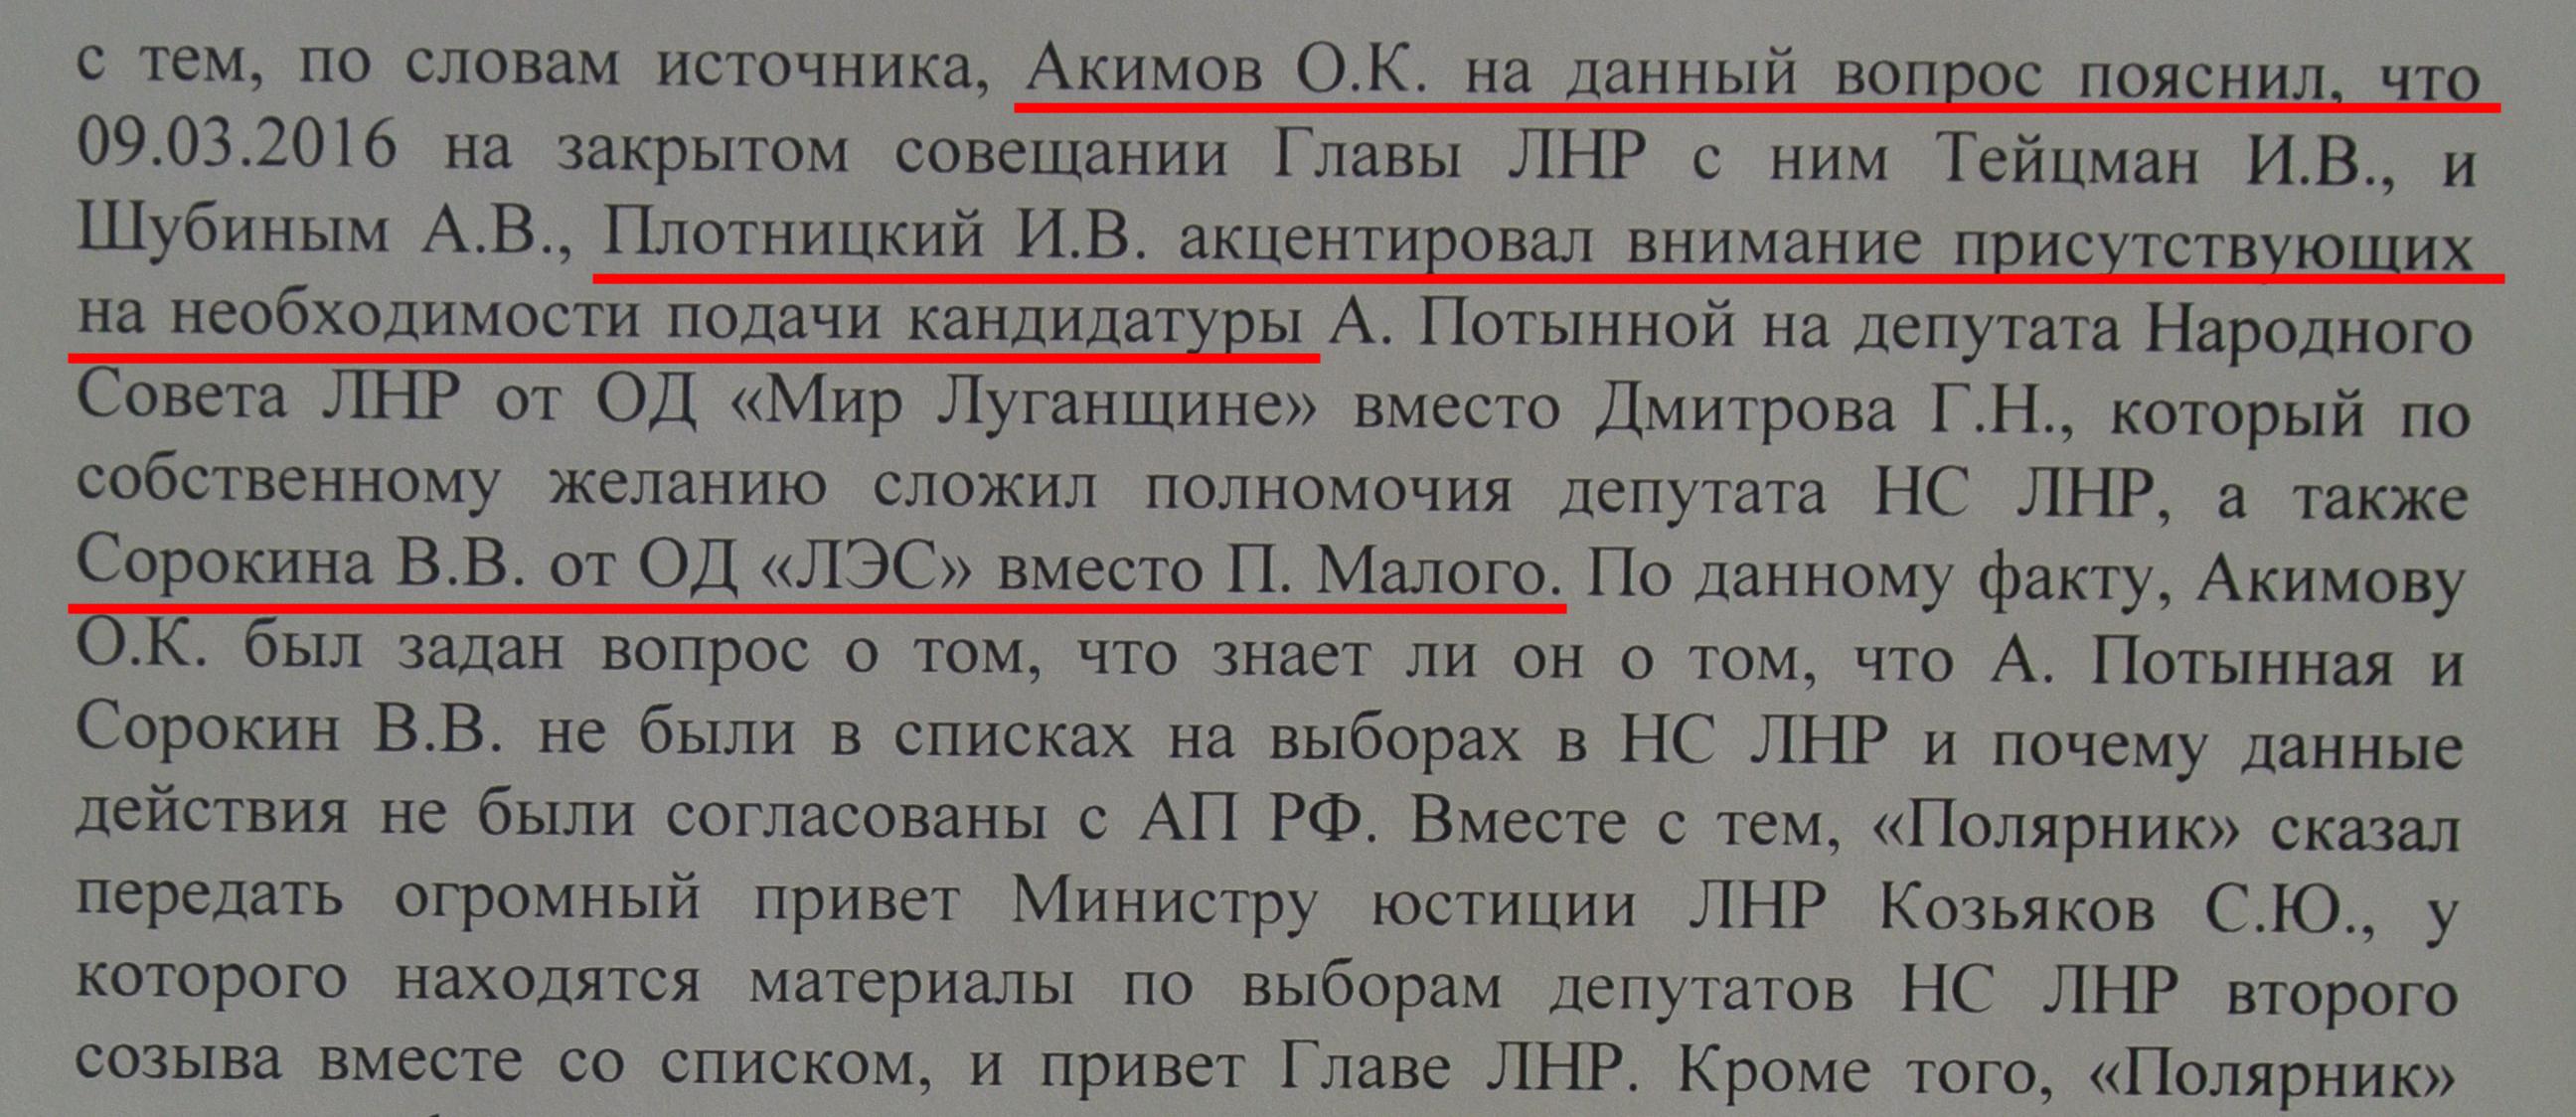 МГБ о совещании у Полярника - Акимов о Малом